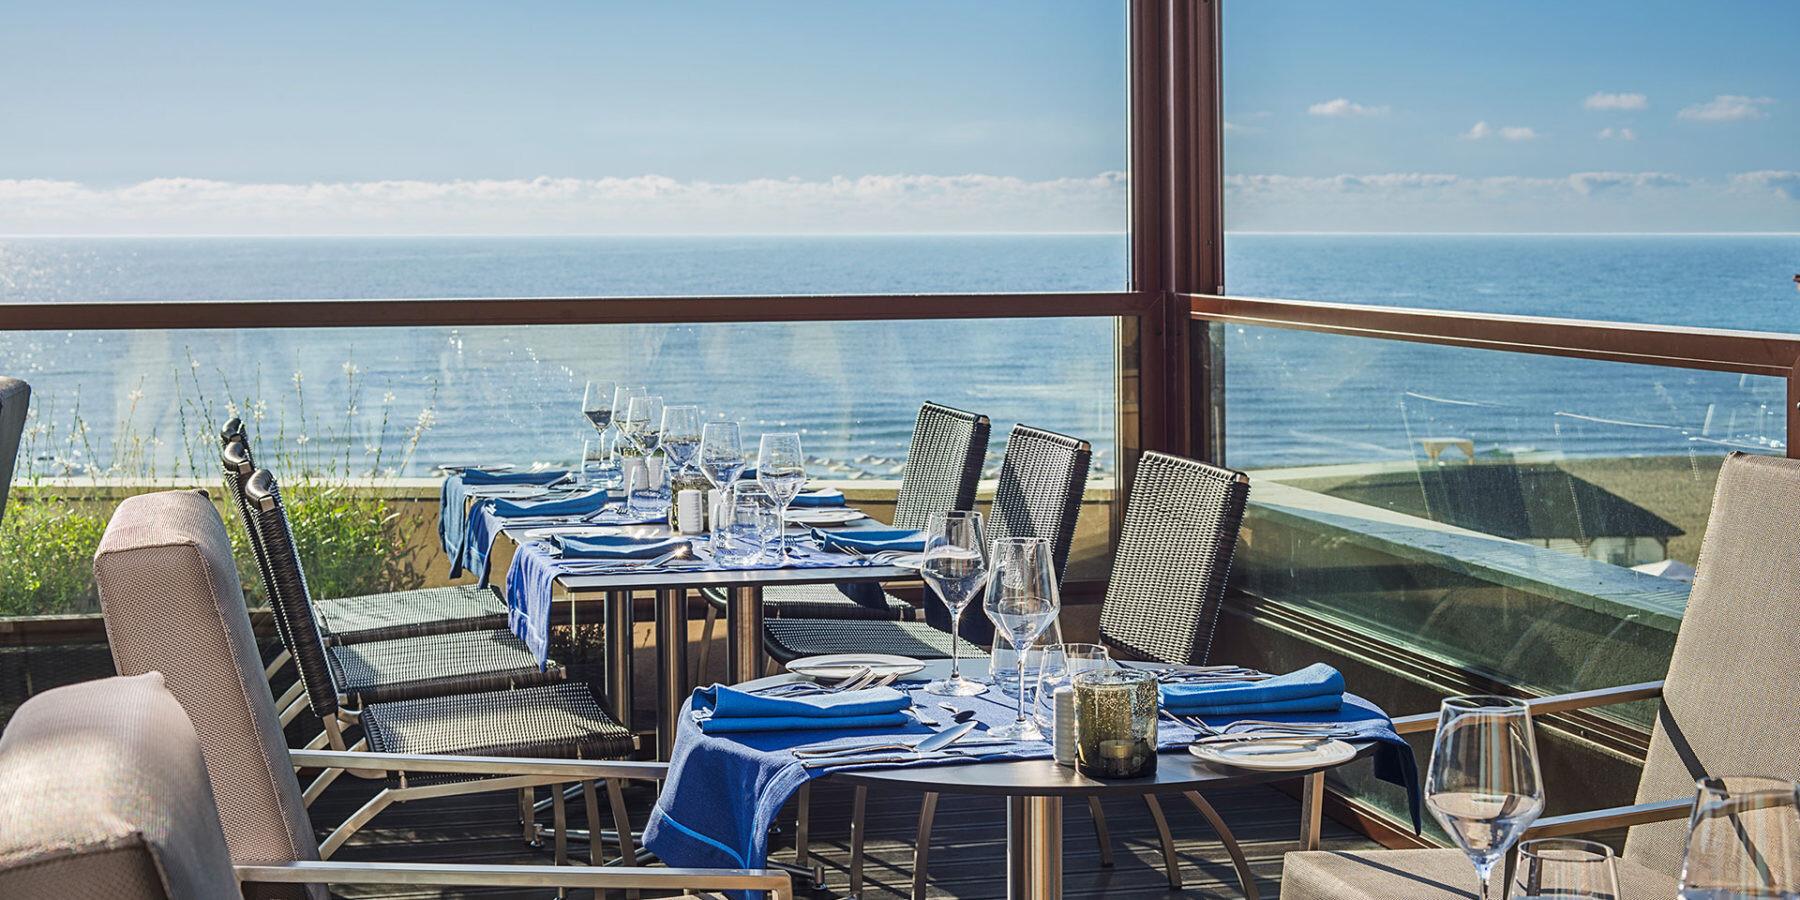 Хотел Мирамар 4* - основен ресторант